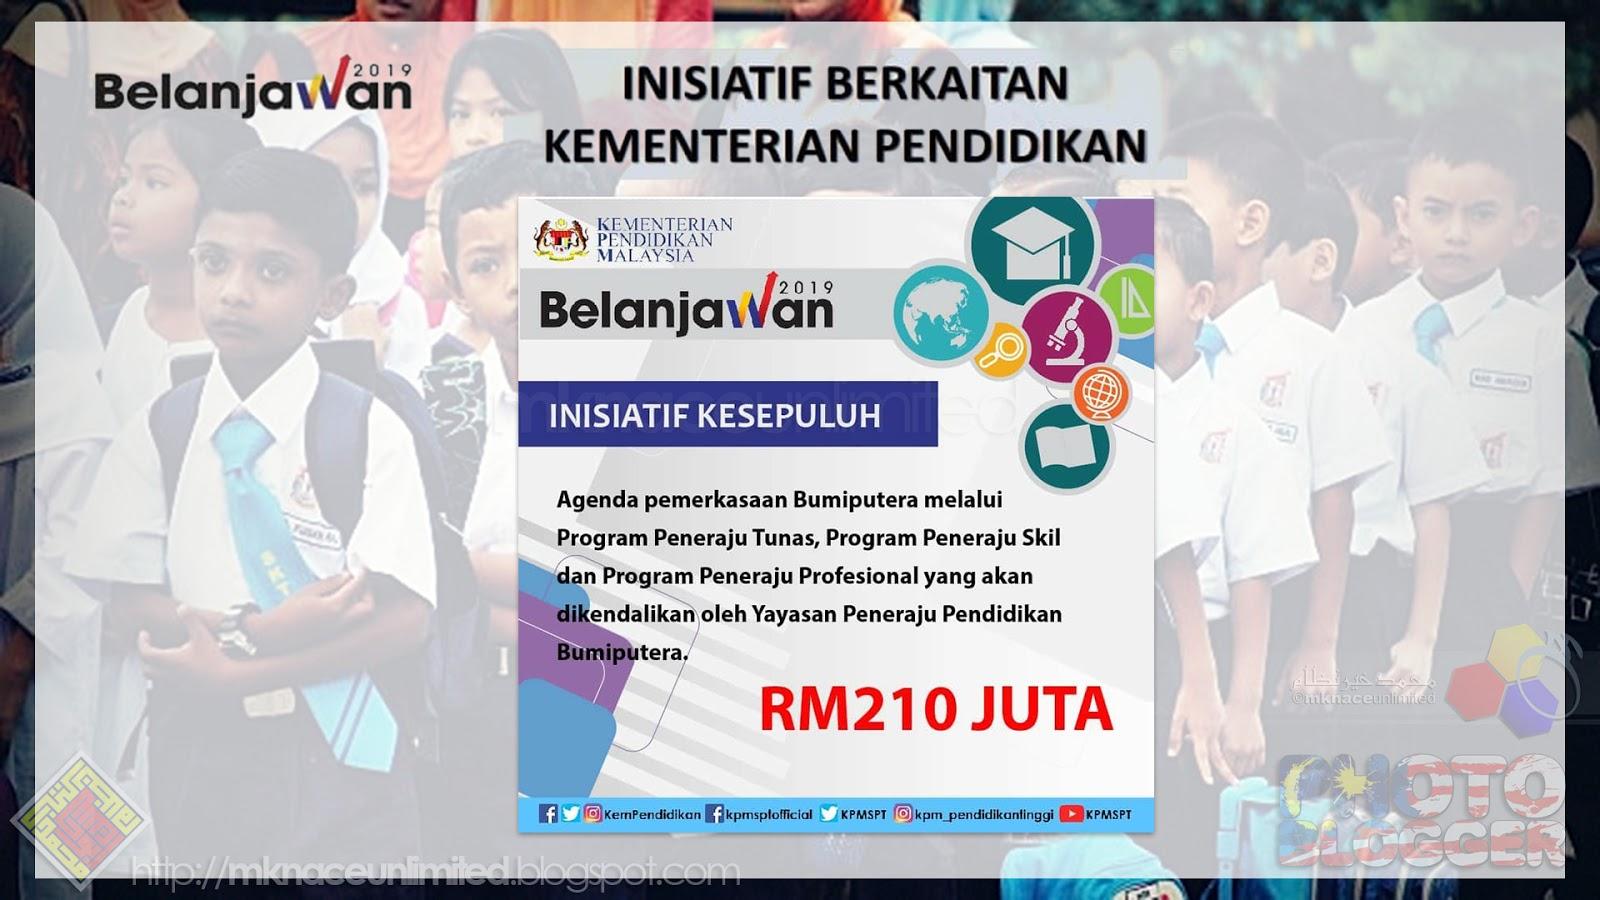 Belanjawan 2019 Inisiatif Berkaitan Kementerian Pendidikan Malaysia